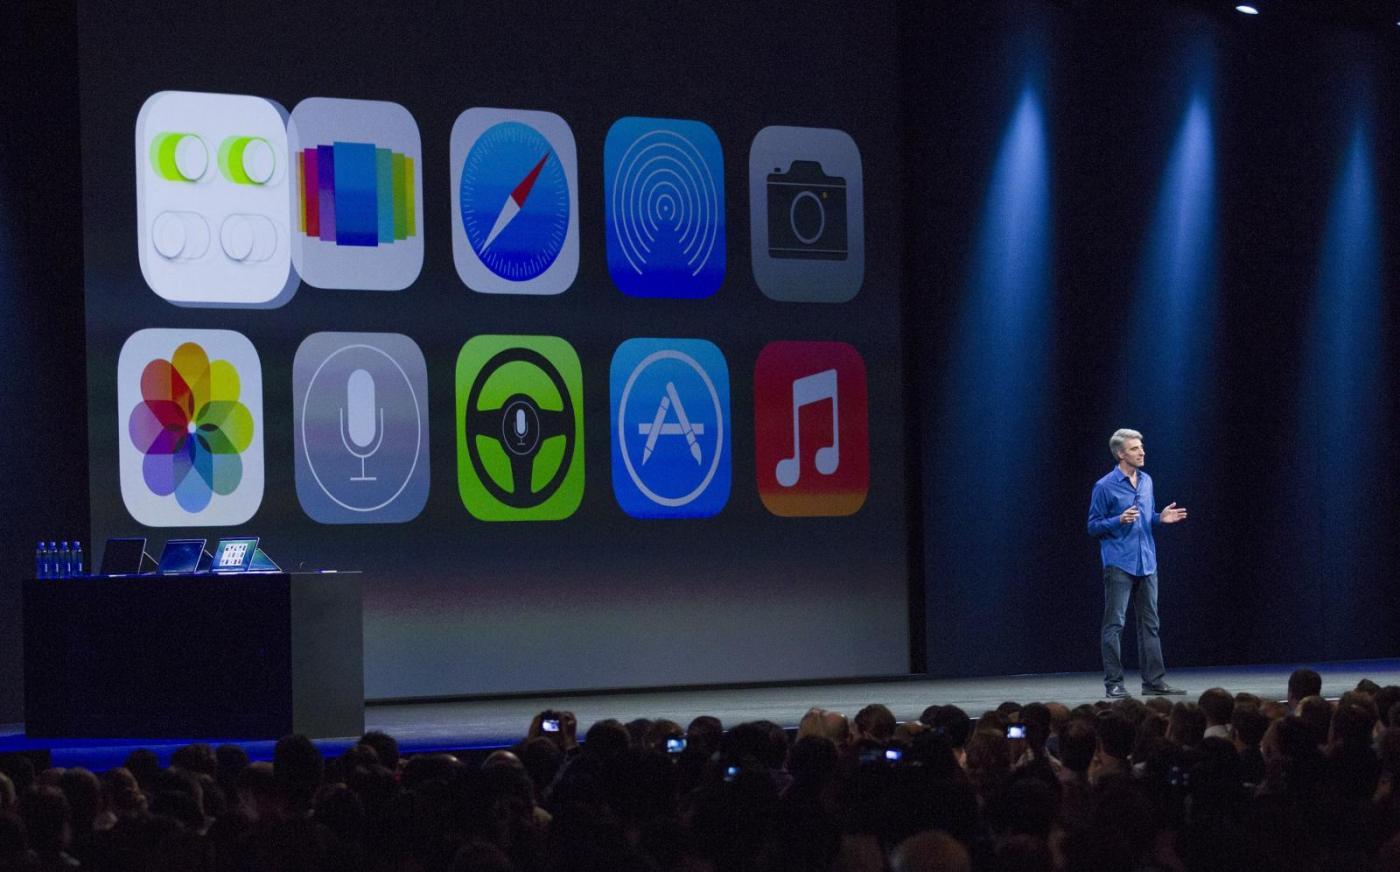 иконки и картинки на слайде